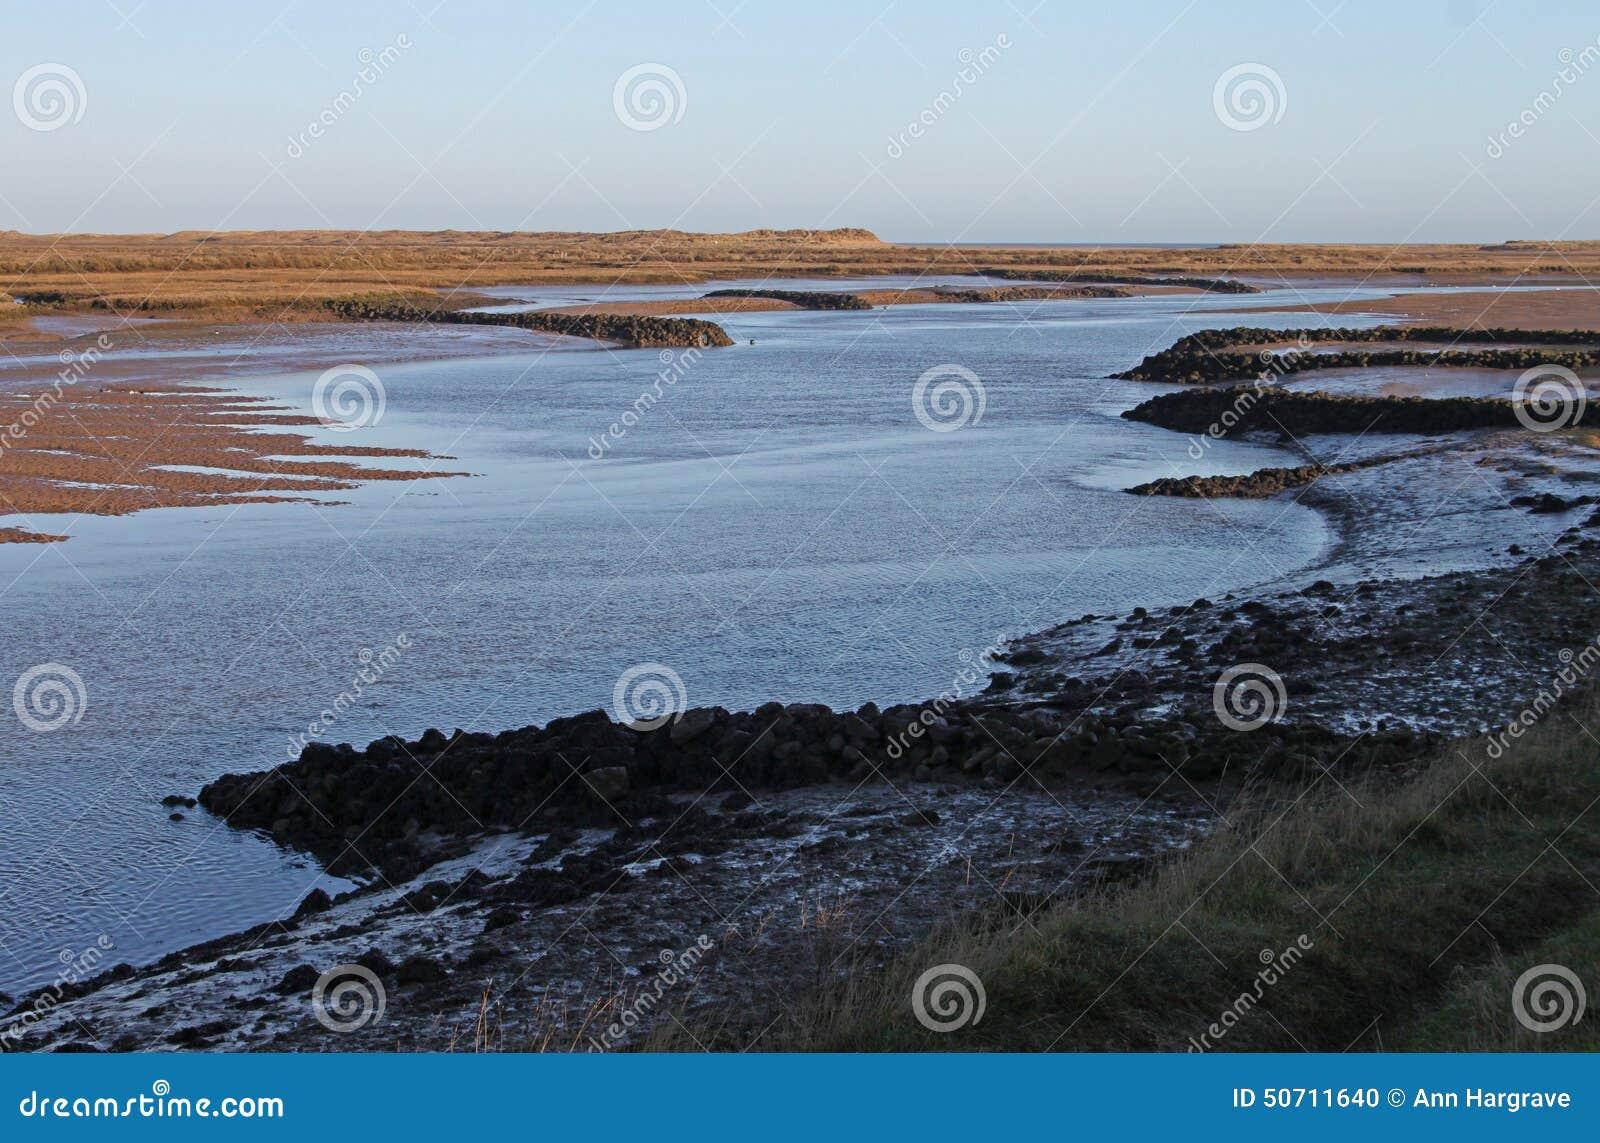 Ξημερώματα, παλίρροιες έξω, που αγνοούν την ελώδη περιοχή